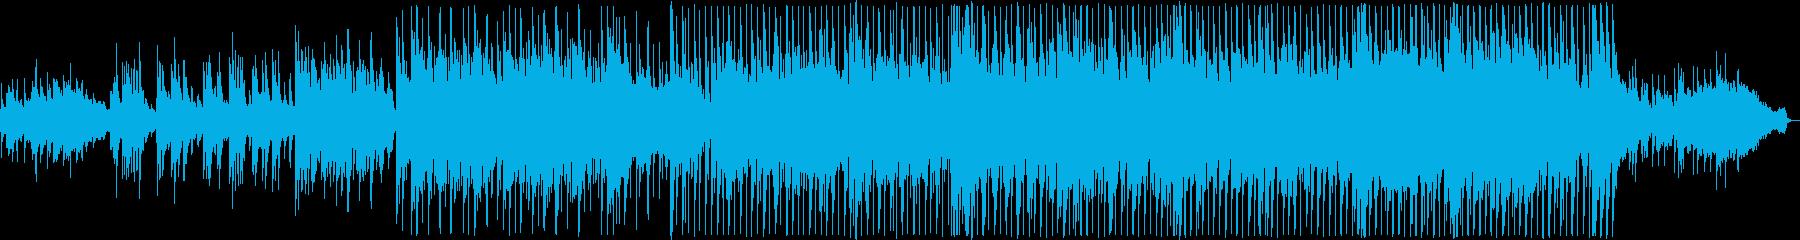 感動的な雰囲気に満たされたバラード4の再生済みの波形